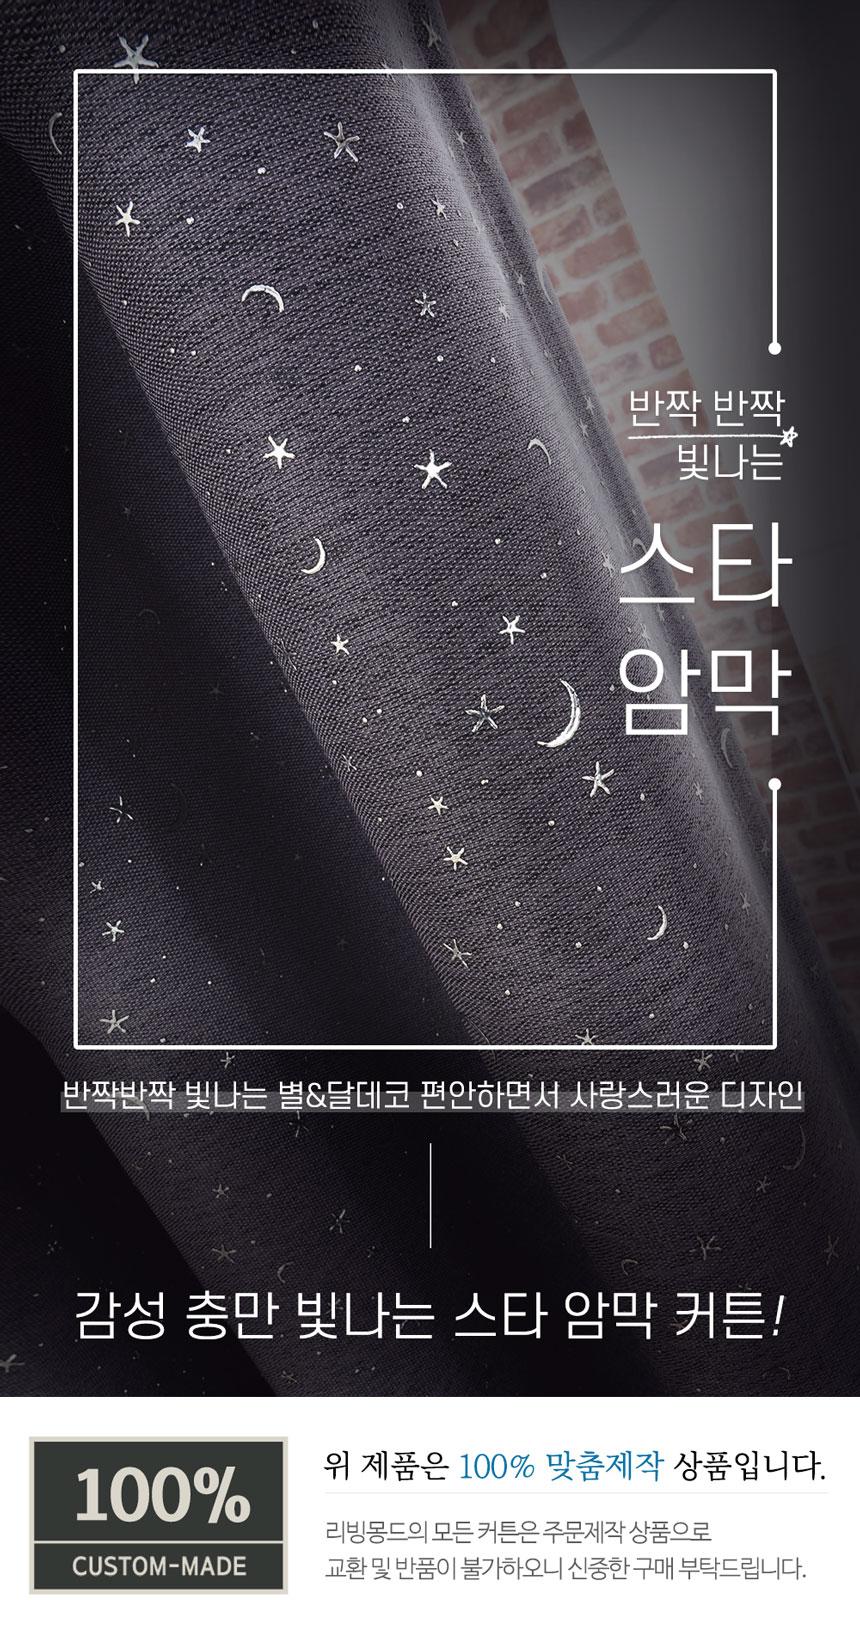 스타암막커튼_메인